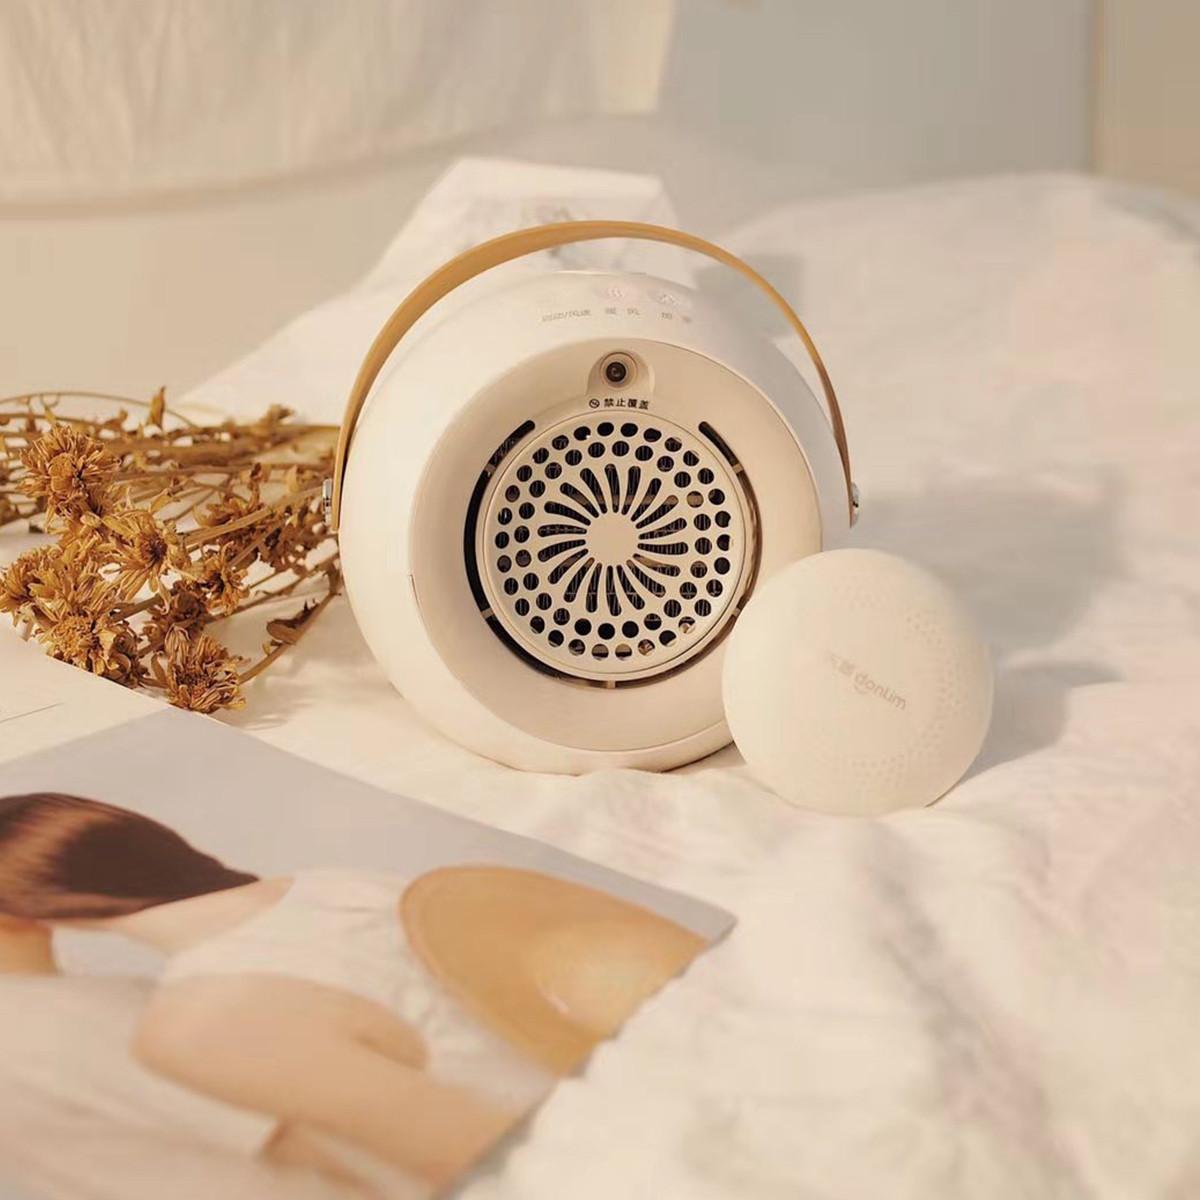 东菱东菱取暖加湿器便携暖手宝暖风热雾电暖气加湿器DL-1165白